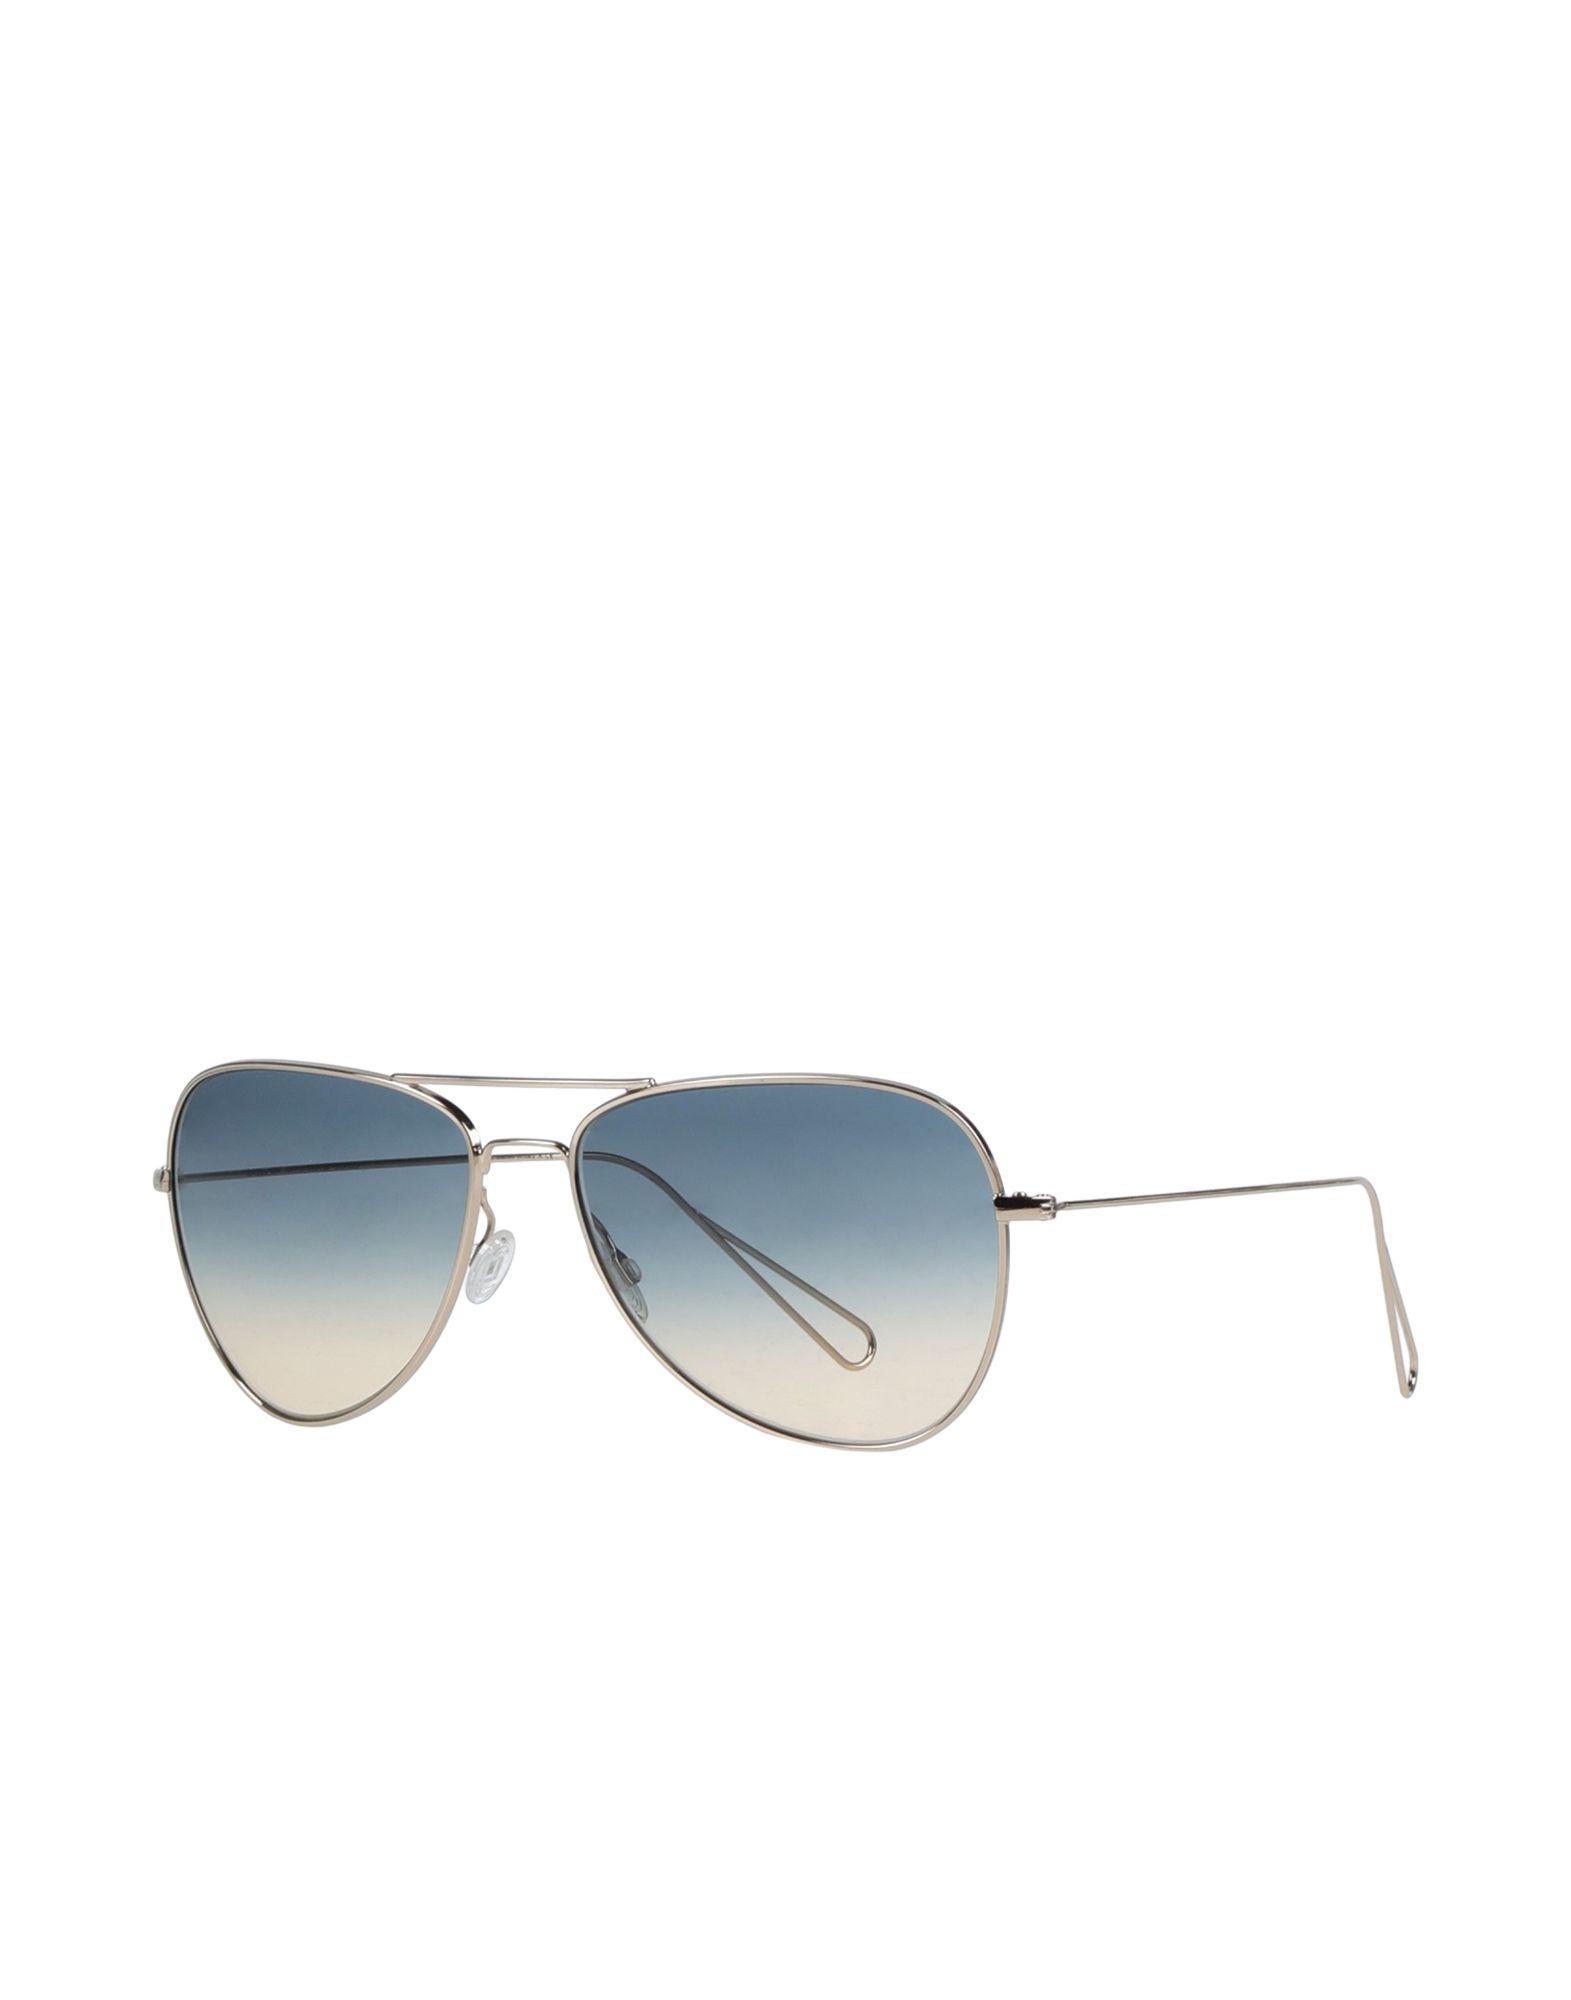 ISABEL MARANT par OLIVER PEOLPLES Солнечные очки travellight par goggles shade дышащие очки увлажняют мужчин и женщин общий аромат лаванды 7 шт